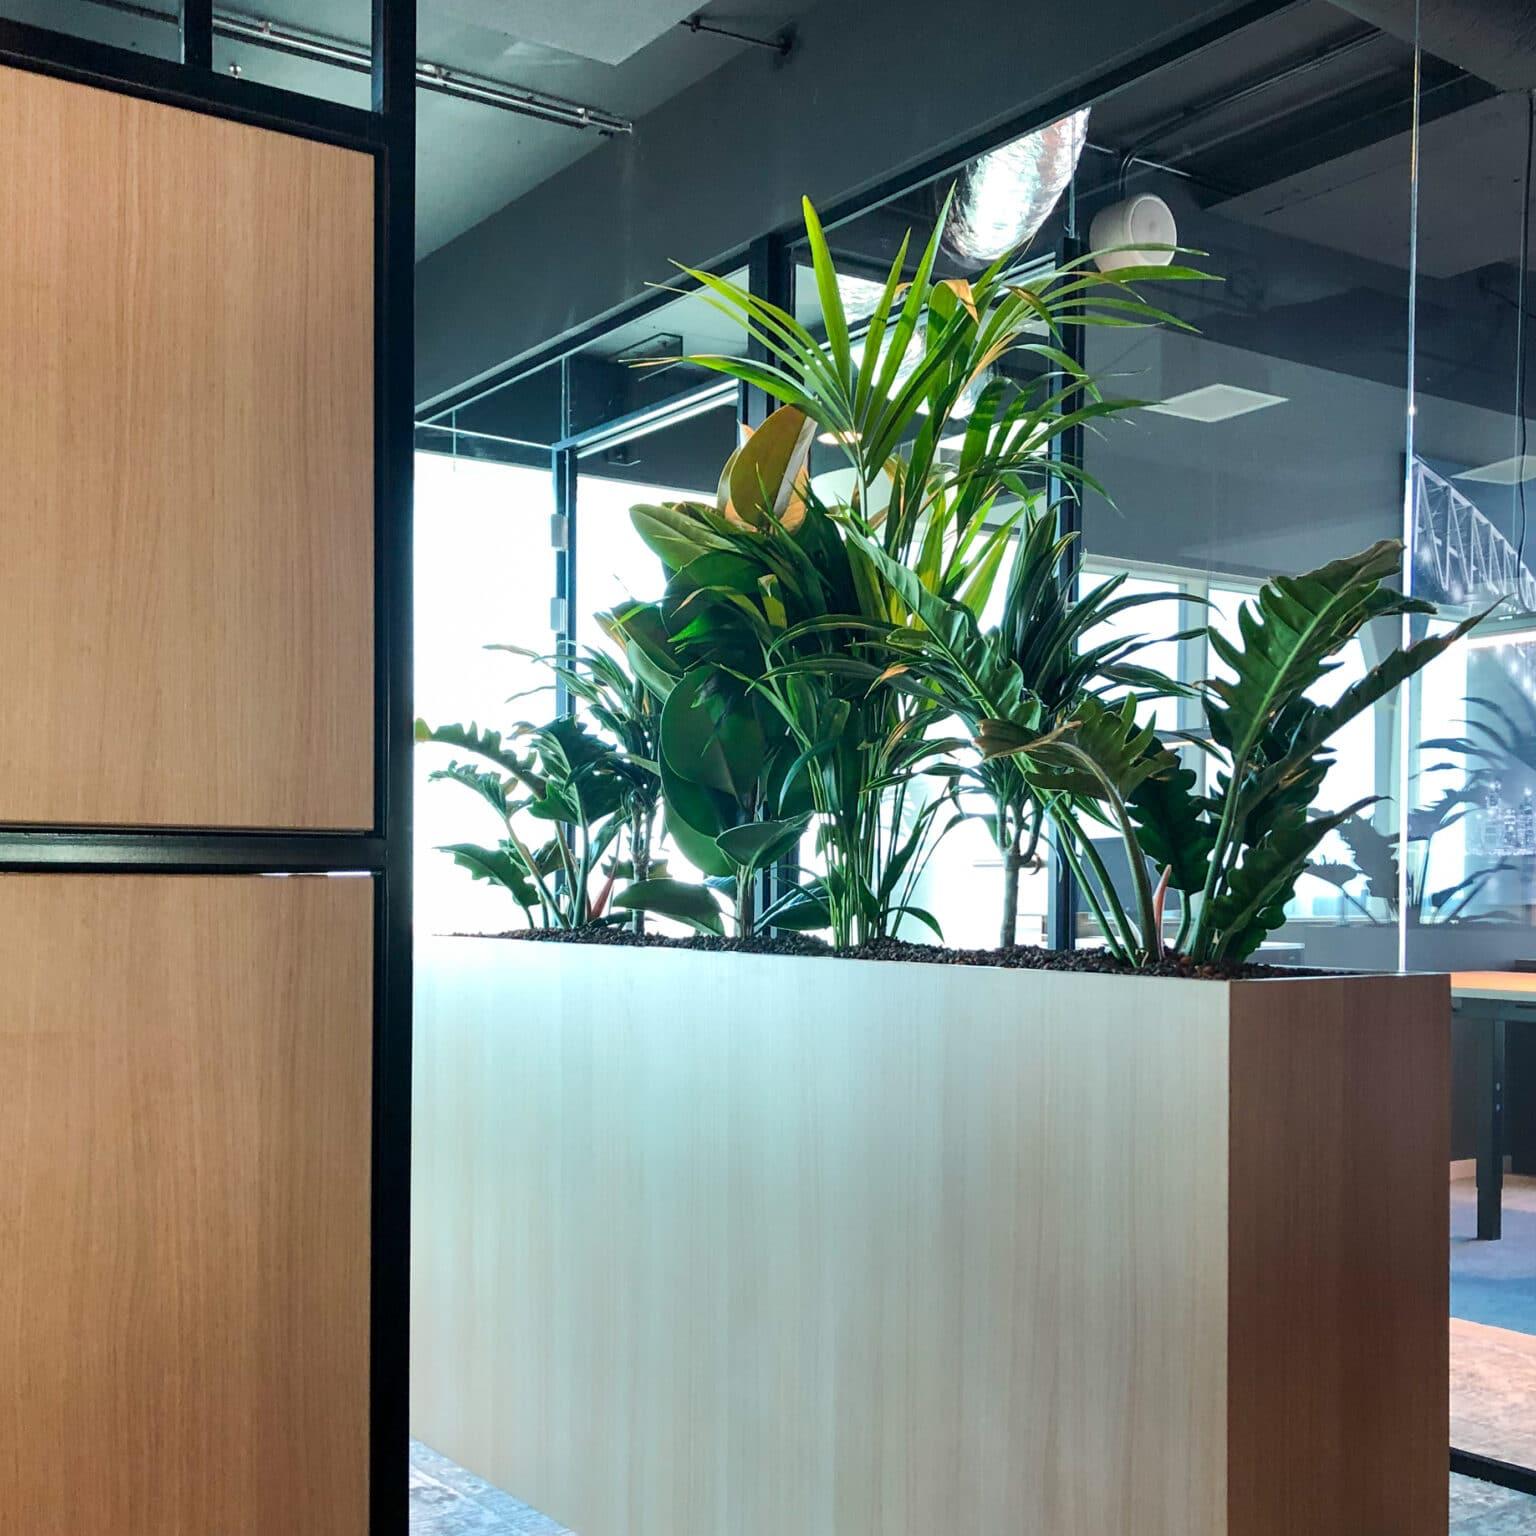 Houten roomdivider met planten